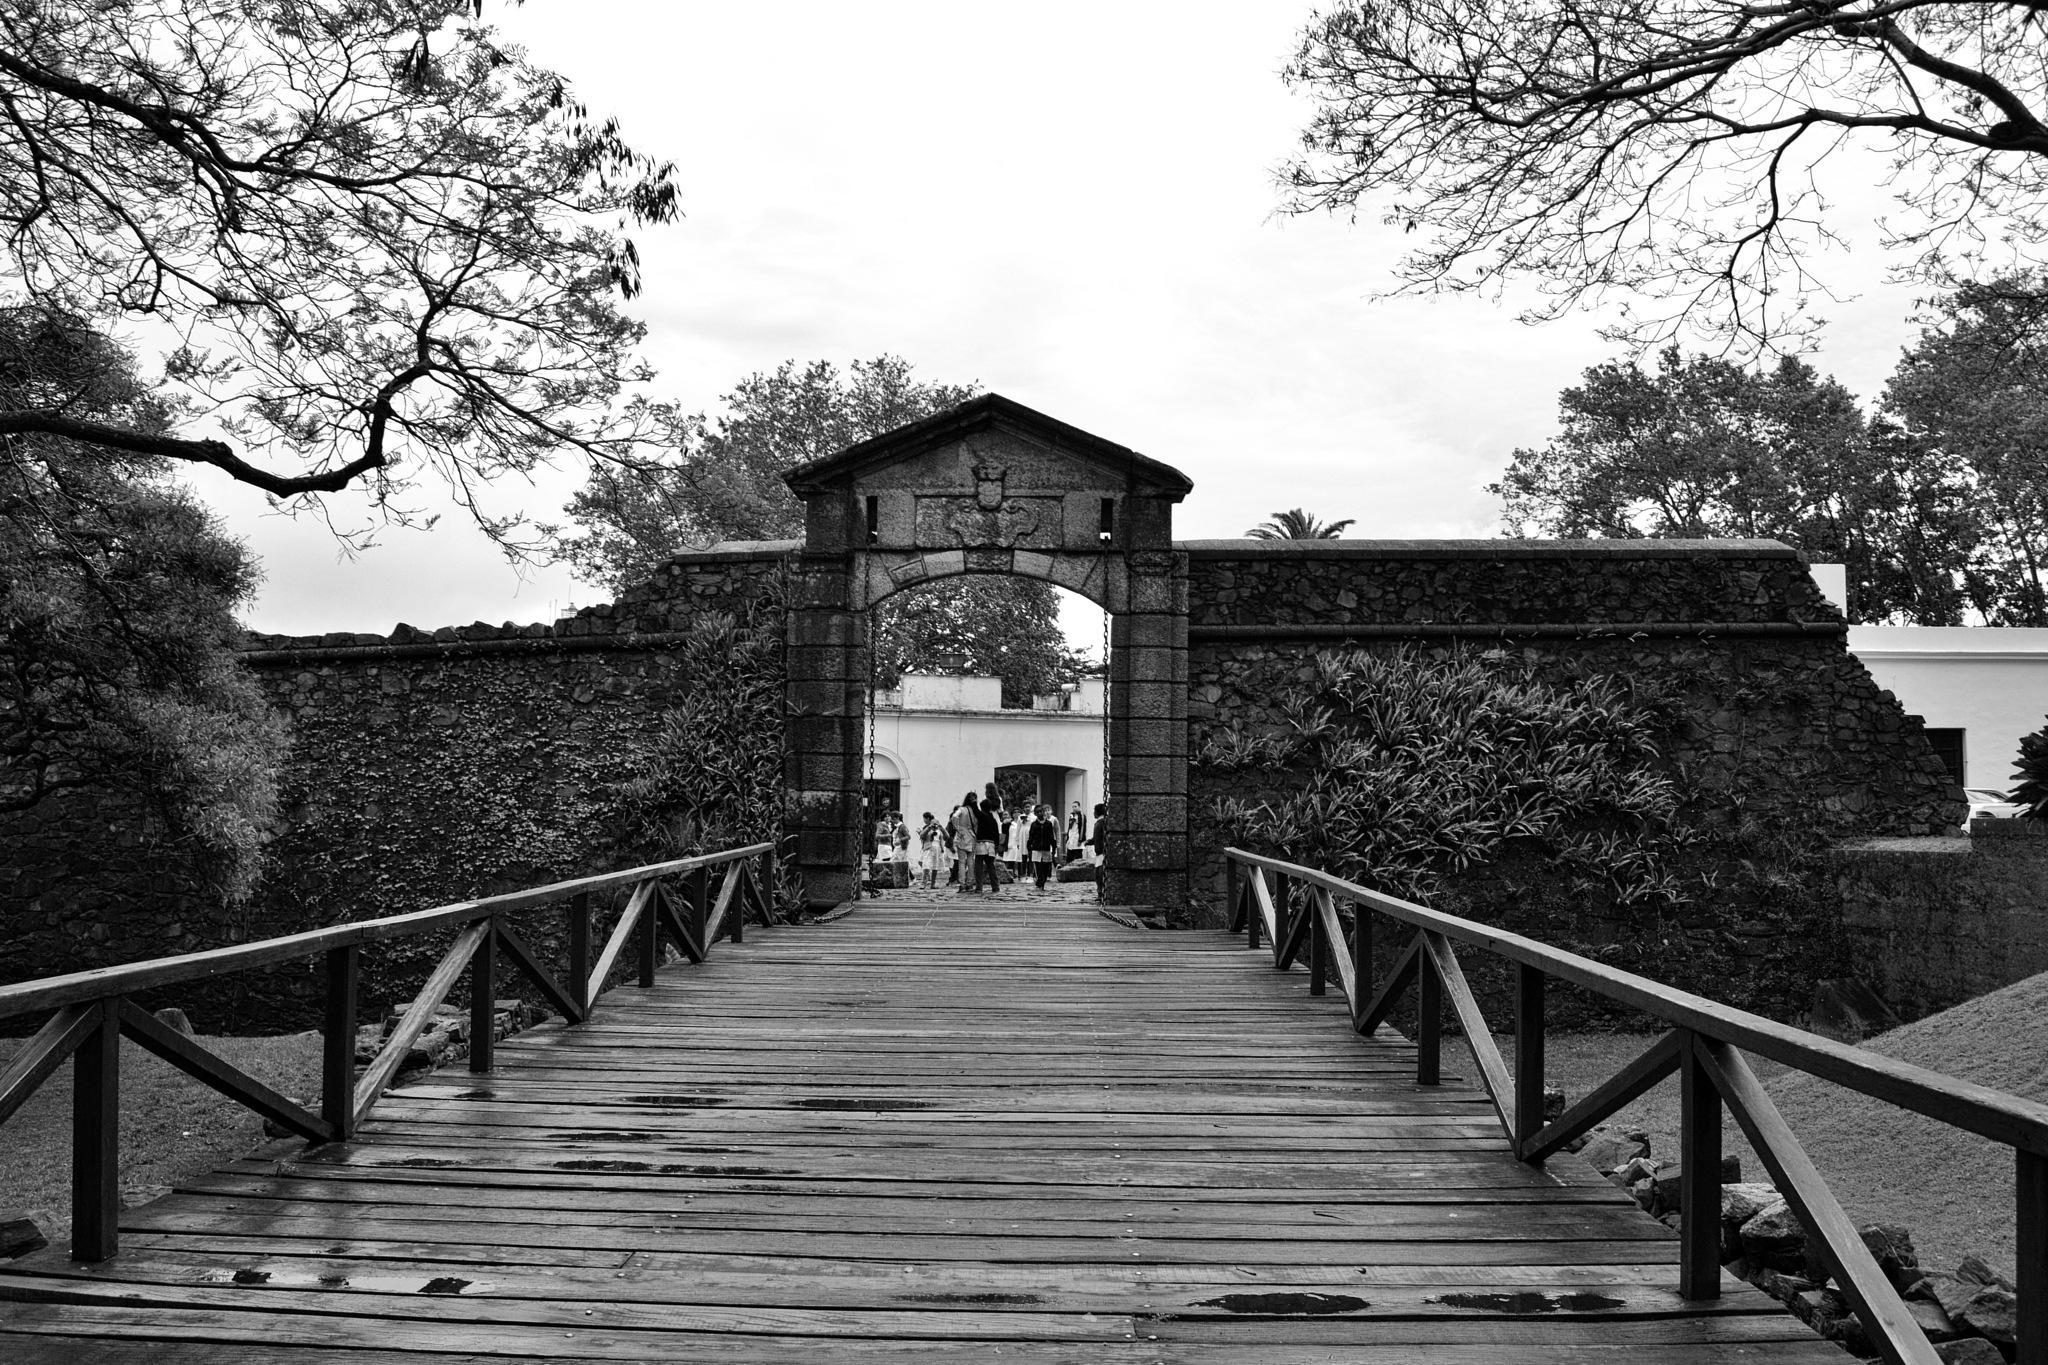 ponte e portal  by Fred Matos